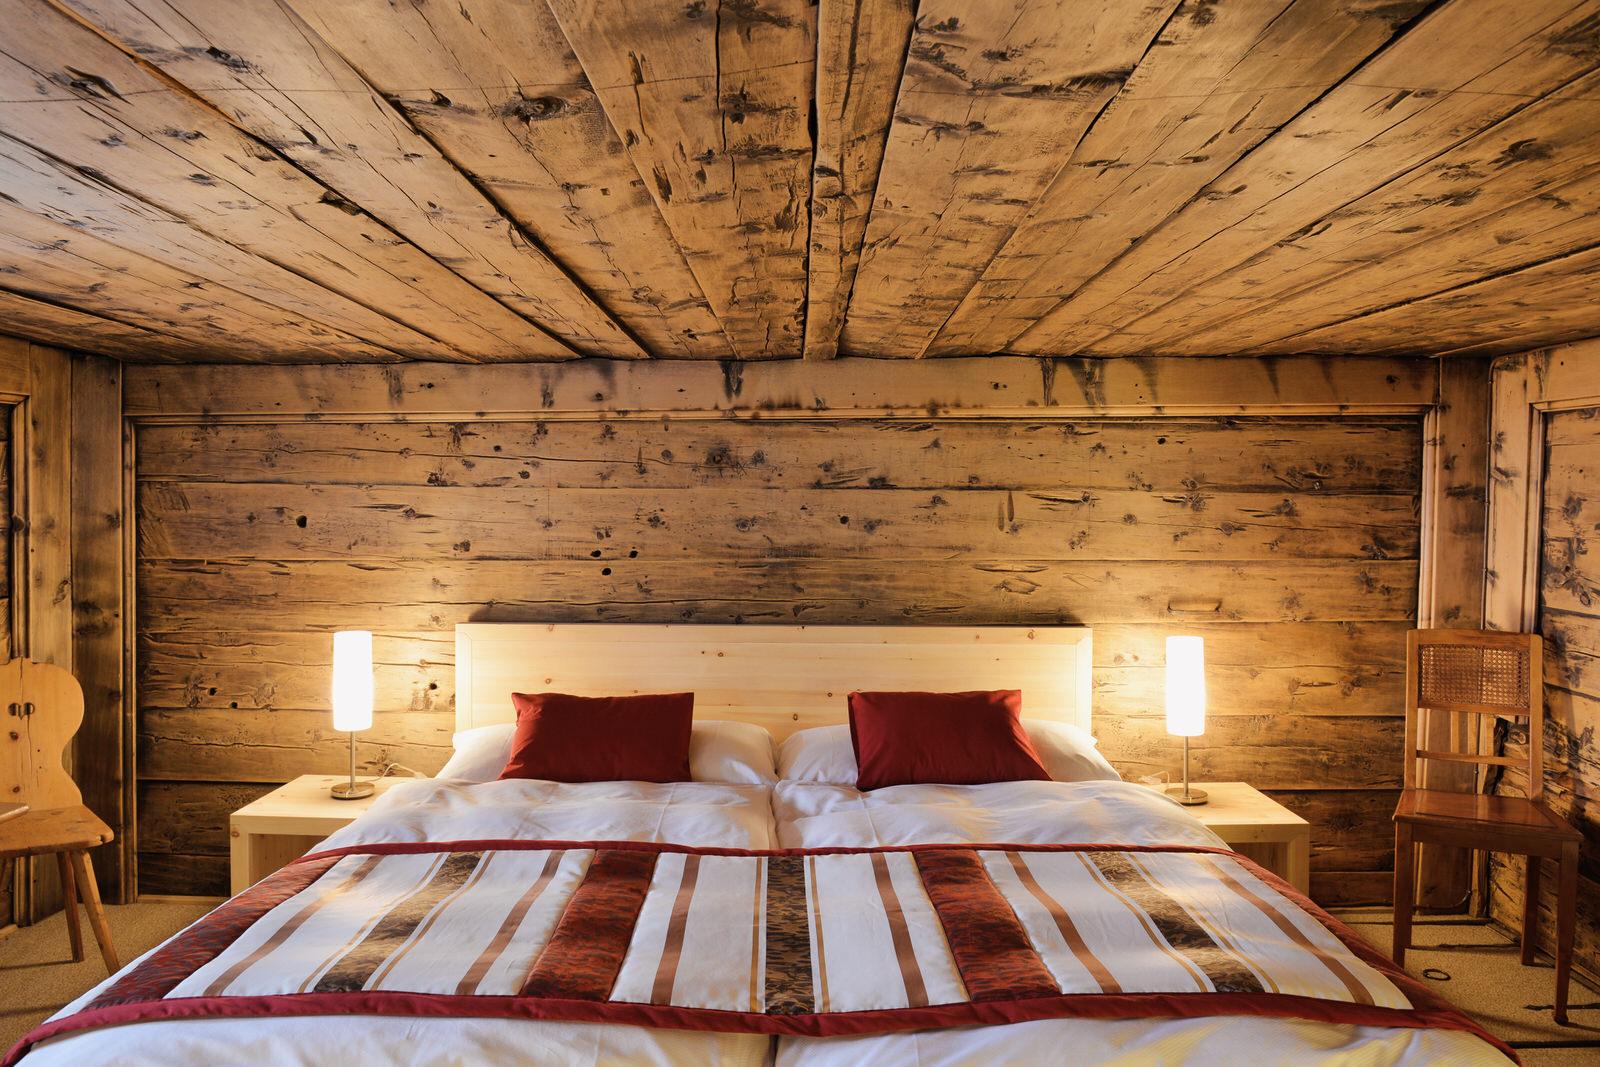 Chambra - die Schlafkammer.